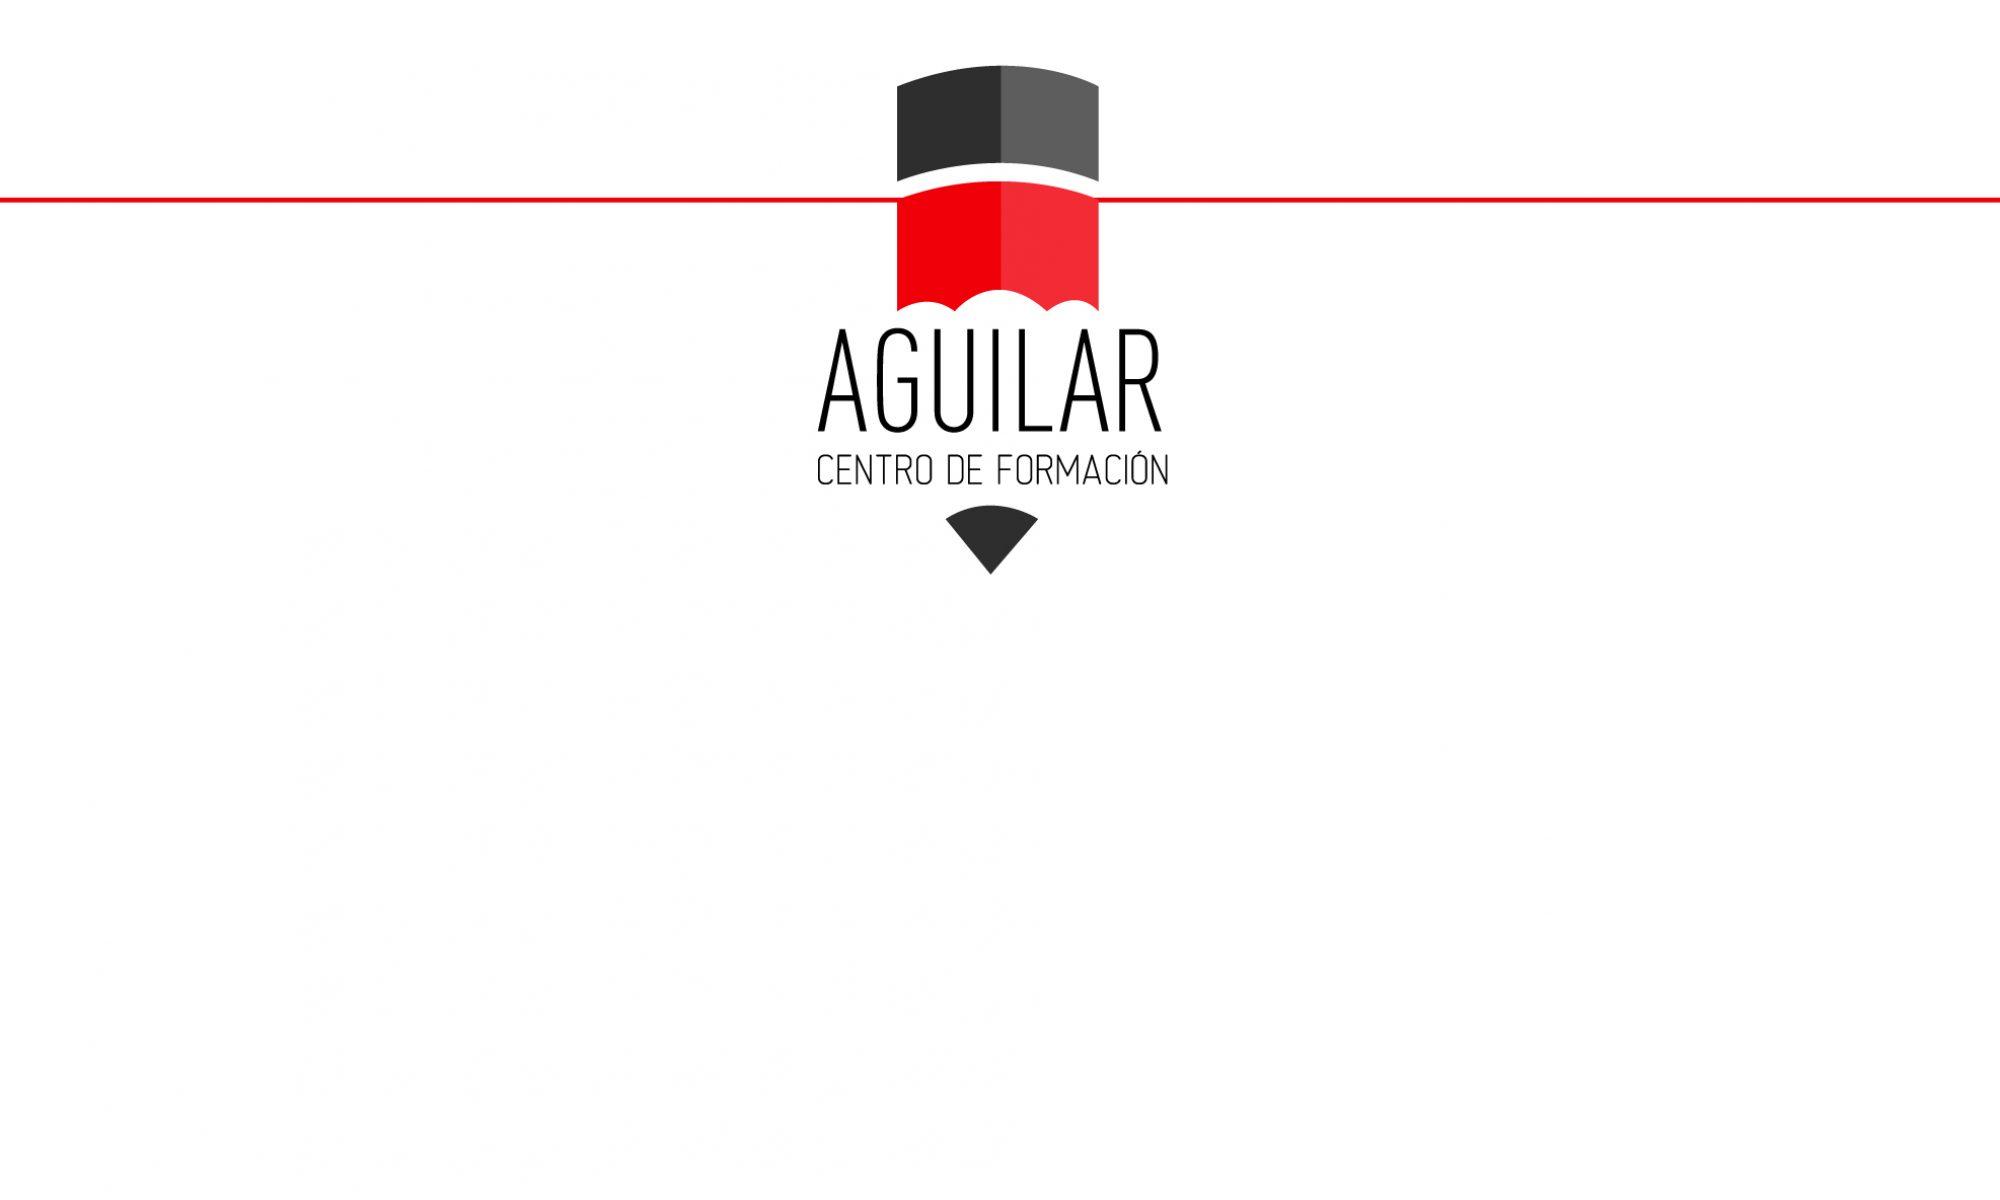 Aguilar Centro de Formación